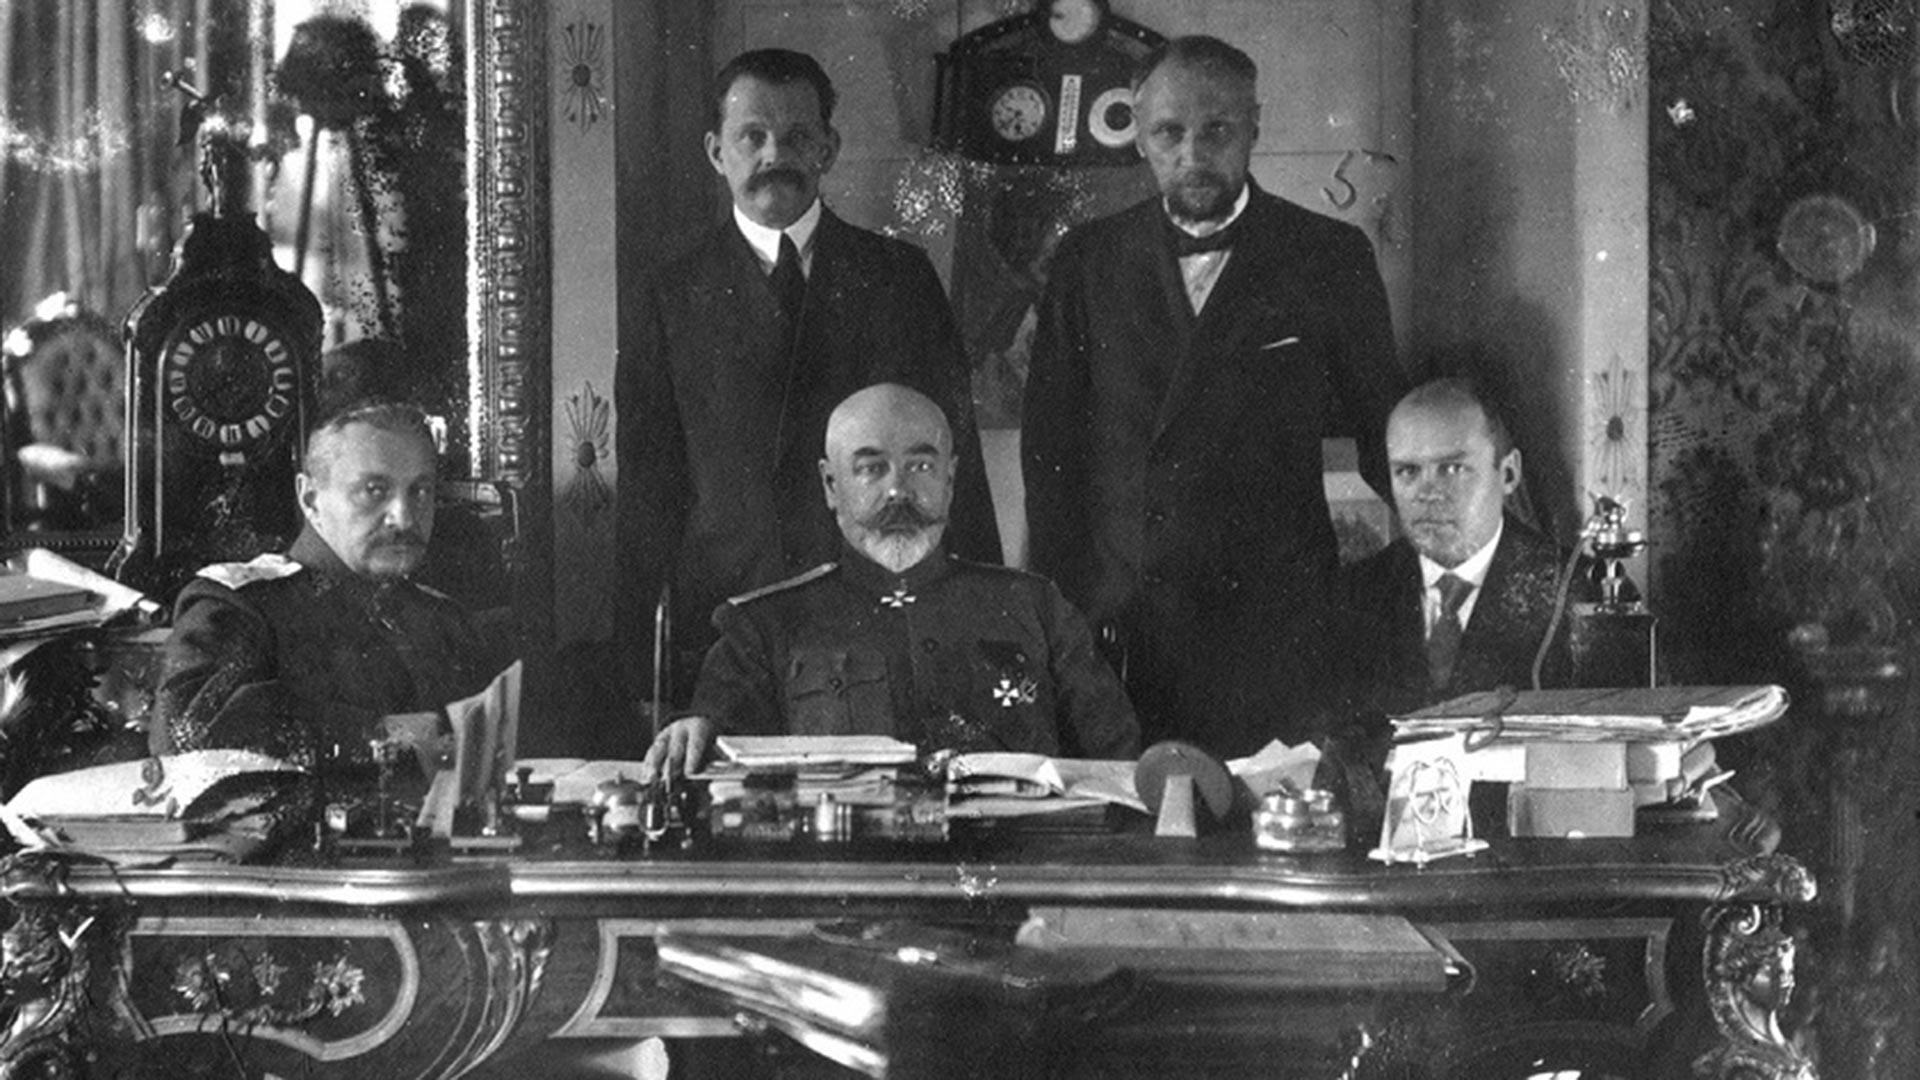 Ljeto 1919, Taganrog. Zdesna nalijevo: general I. P. Romanovski, general A. I. Denikin, K. N. Sokolov. Stoje: N. I. Astrov, N. V. Savič.